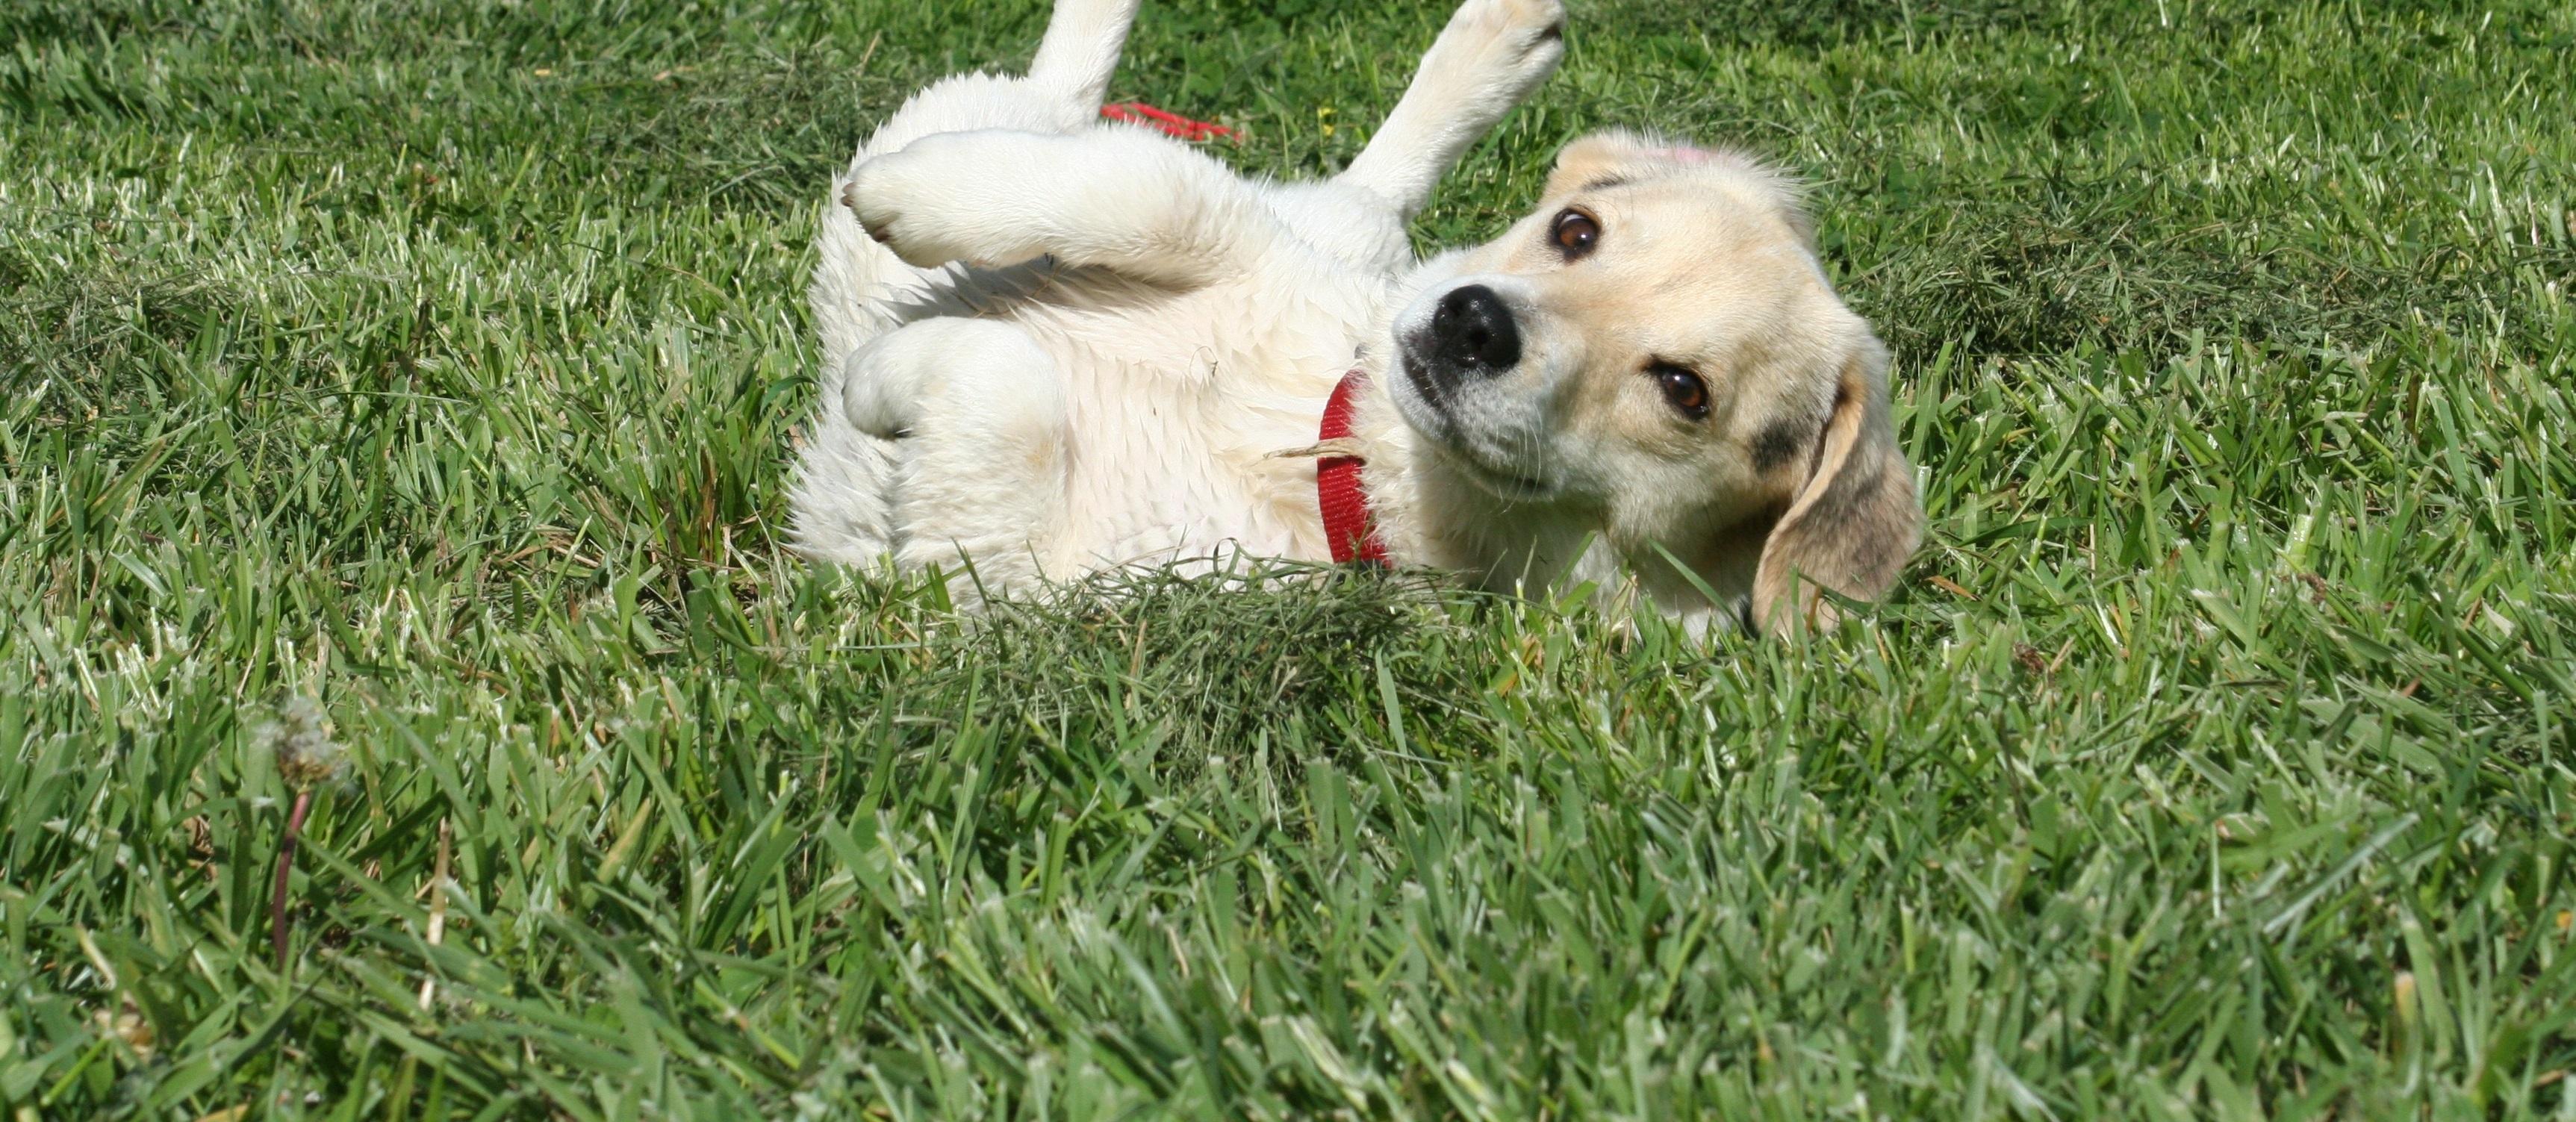 puppy-110193-wide